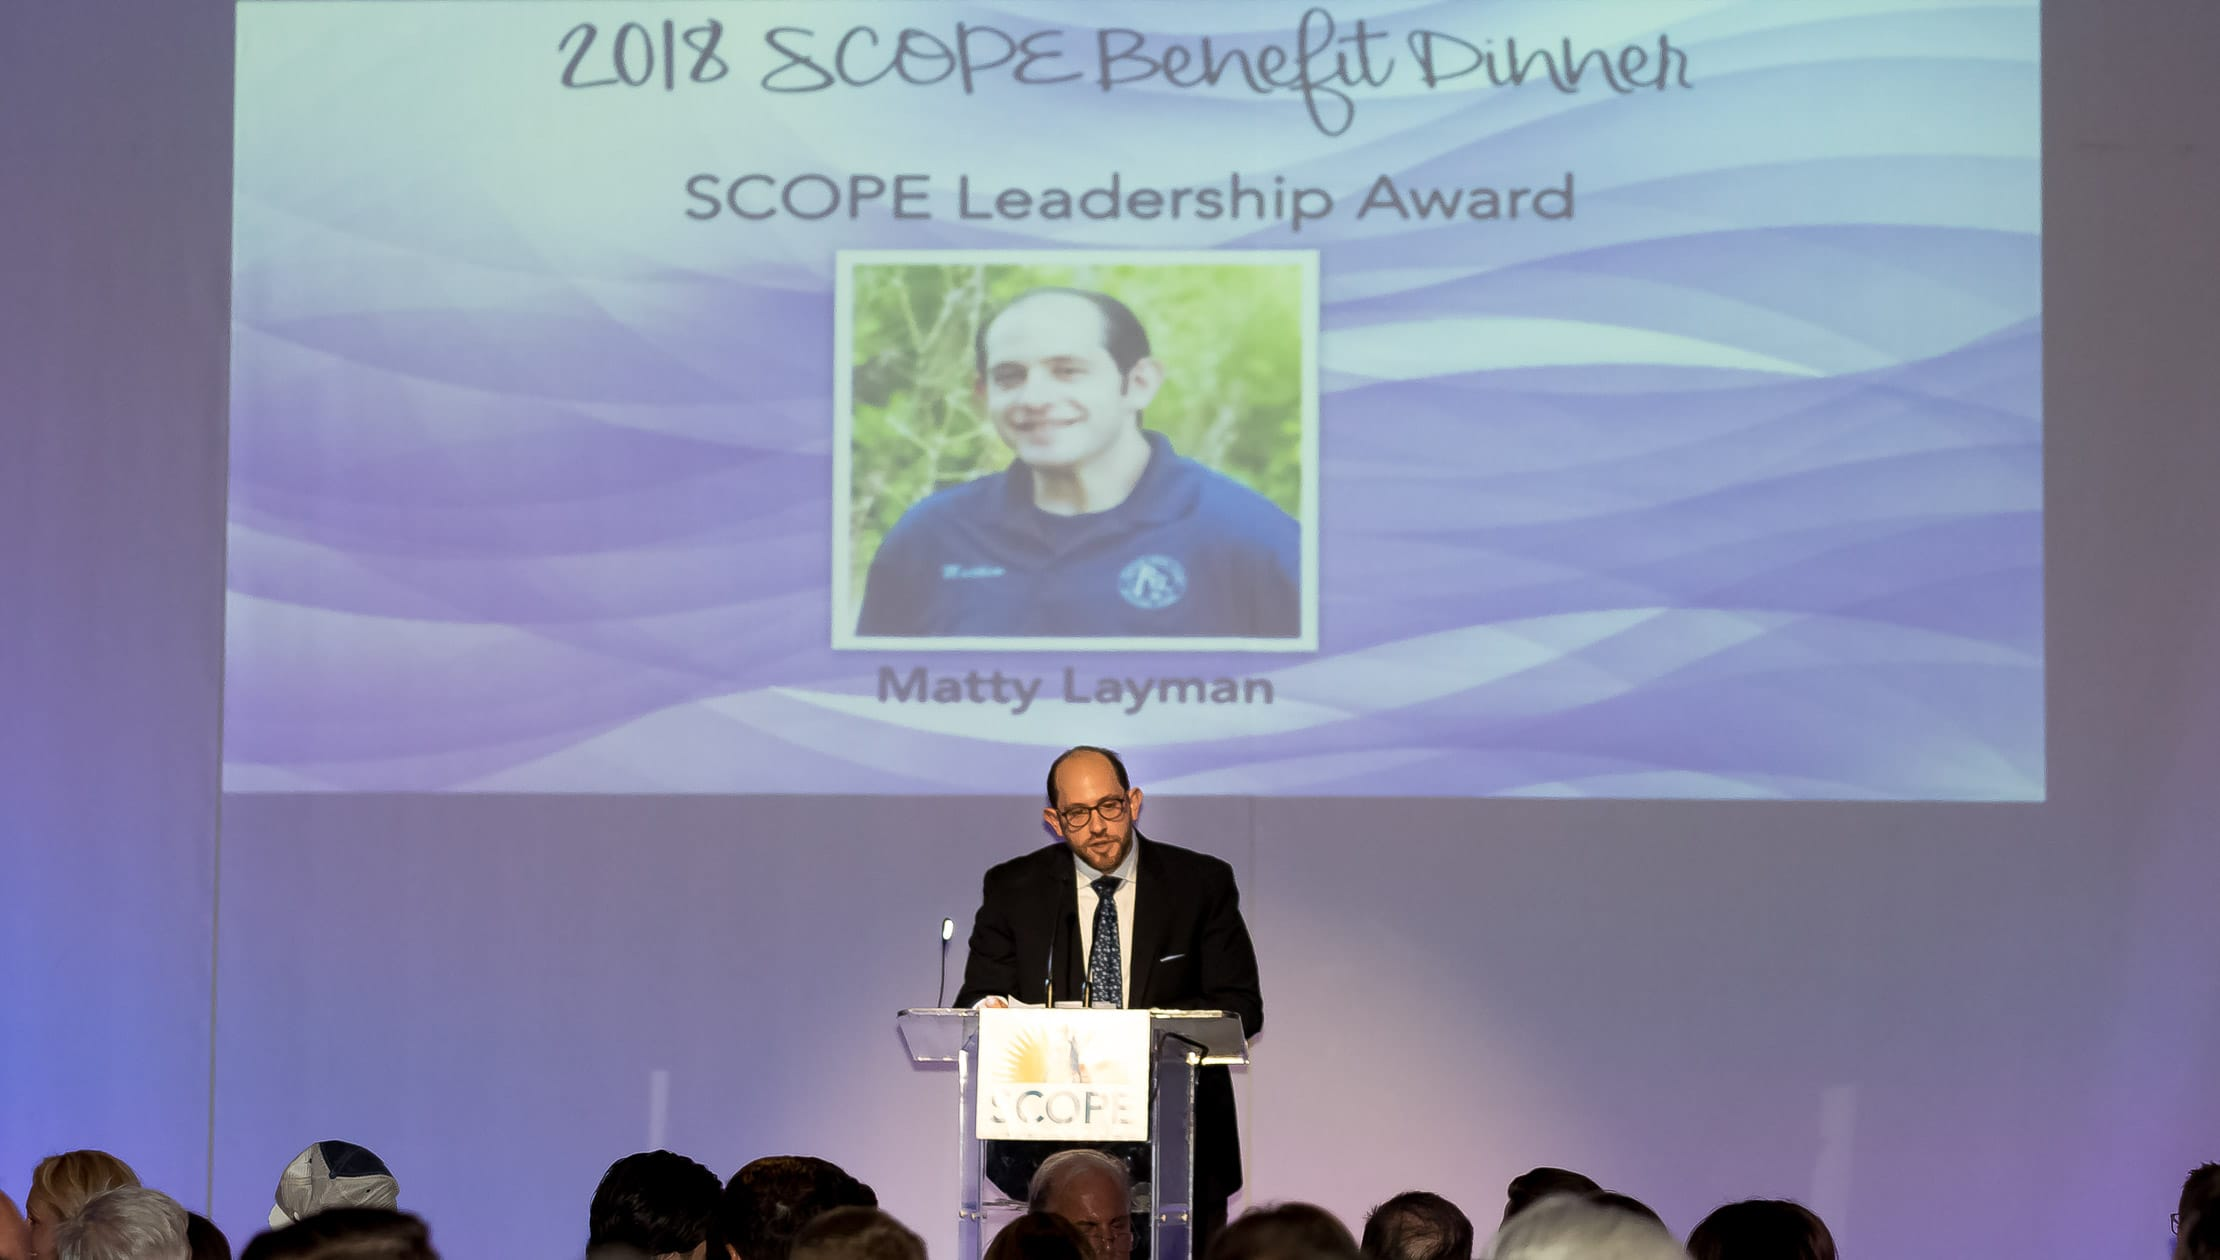 Matty speaking at SCOPE Benefit Dinner